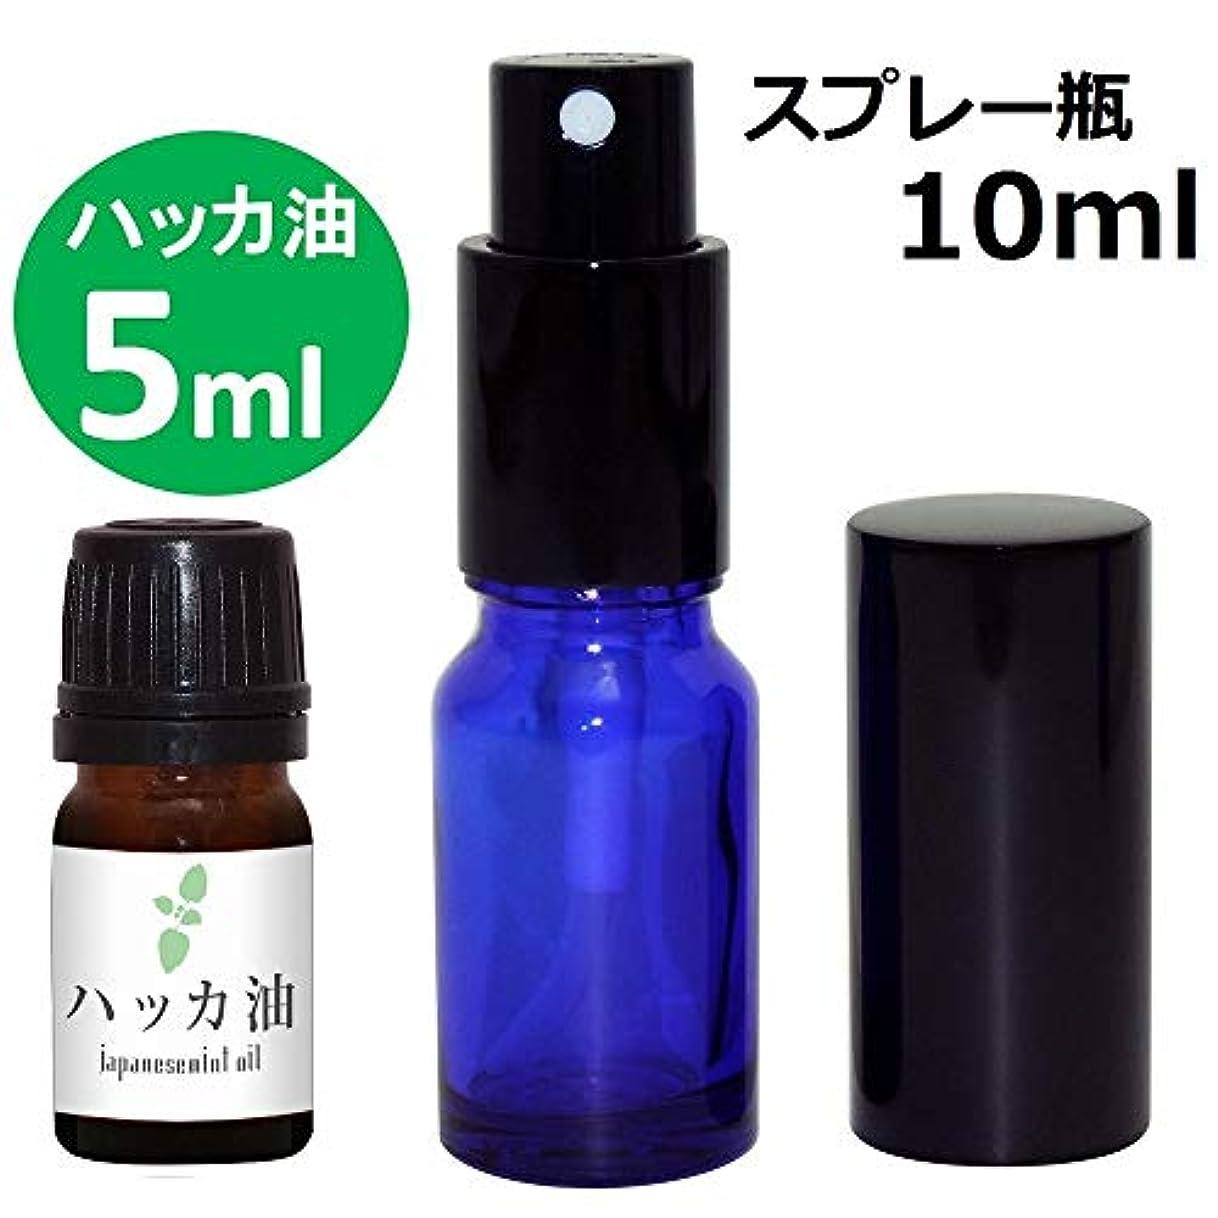 リマーク熱望するやるガレージ?ゼロ ハッカ油 5ml(GZAK11)+ガラス瓶 スプレーボトル10ml/和種薄荷/ジャパニーズミント GSE532